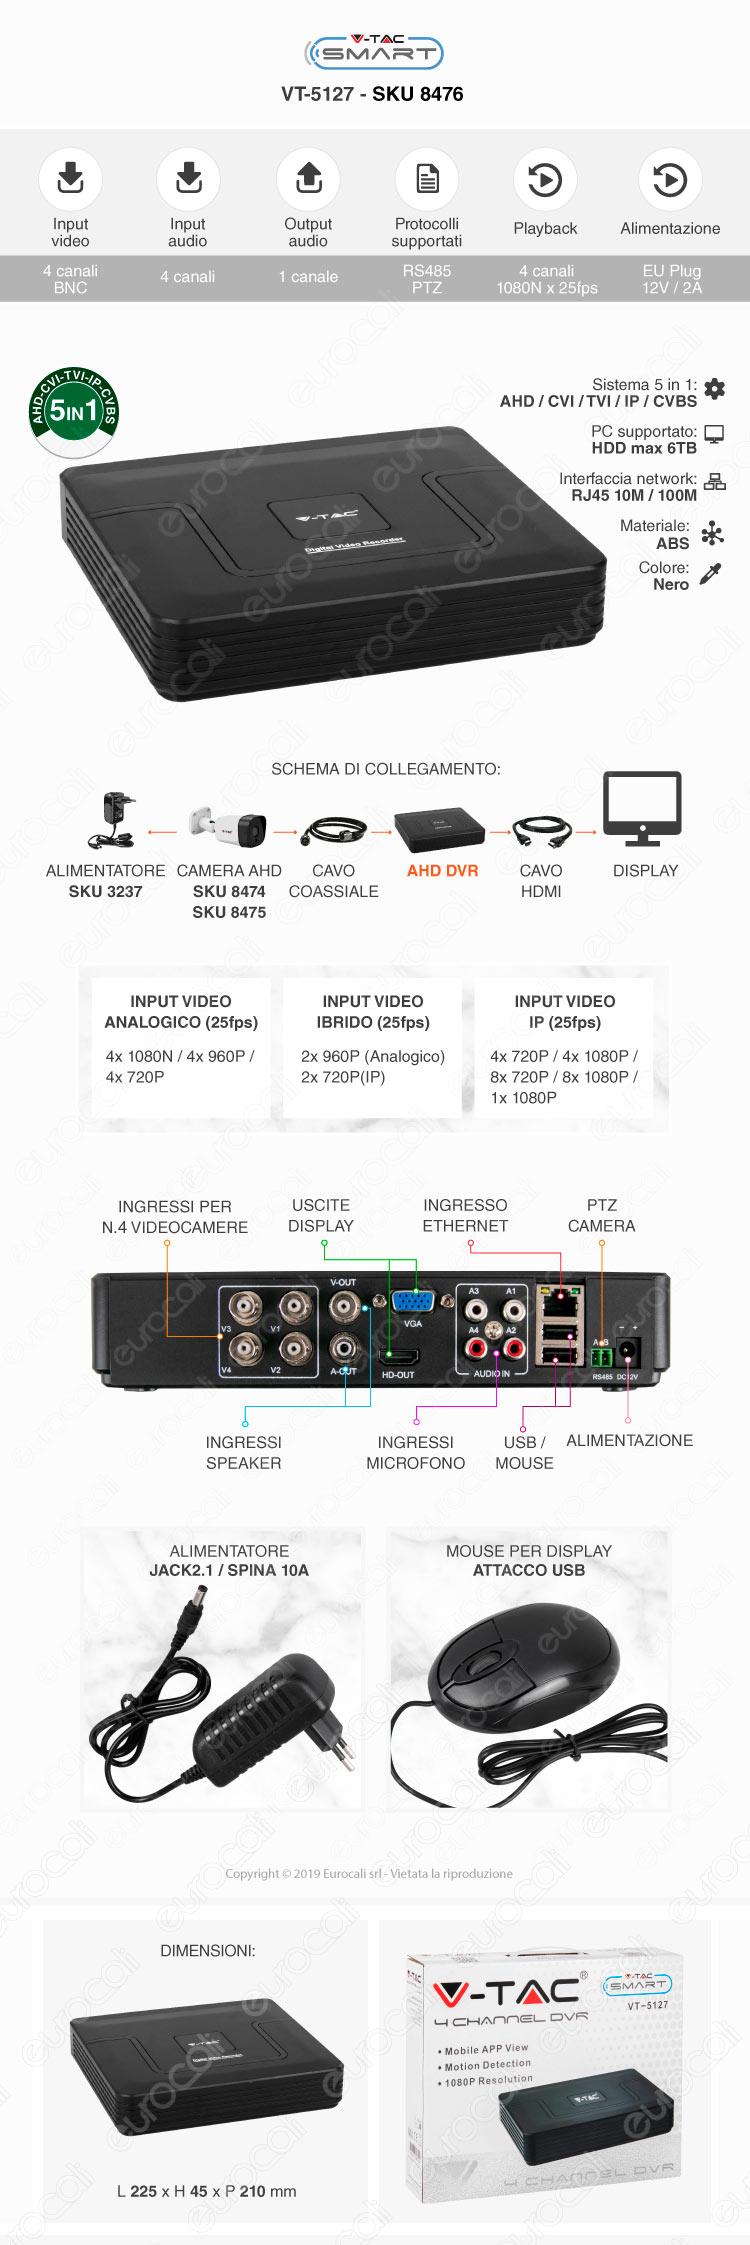 V-Tac VT-5127 DVR 4 Canali 1080p